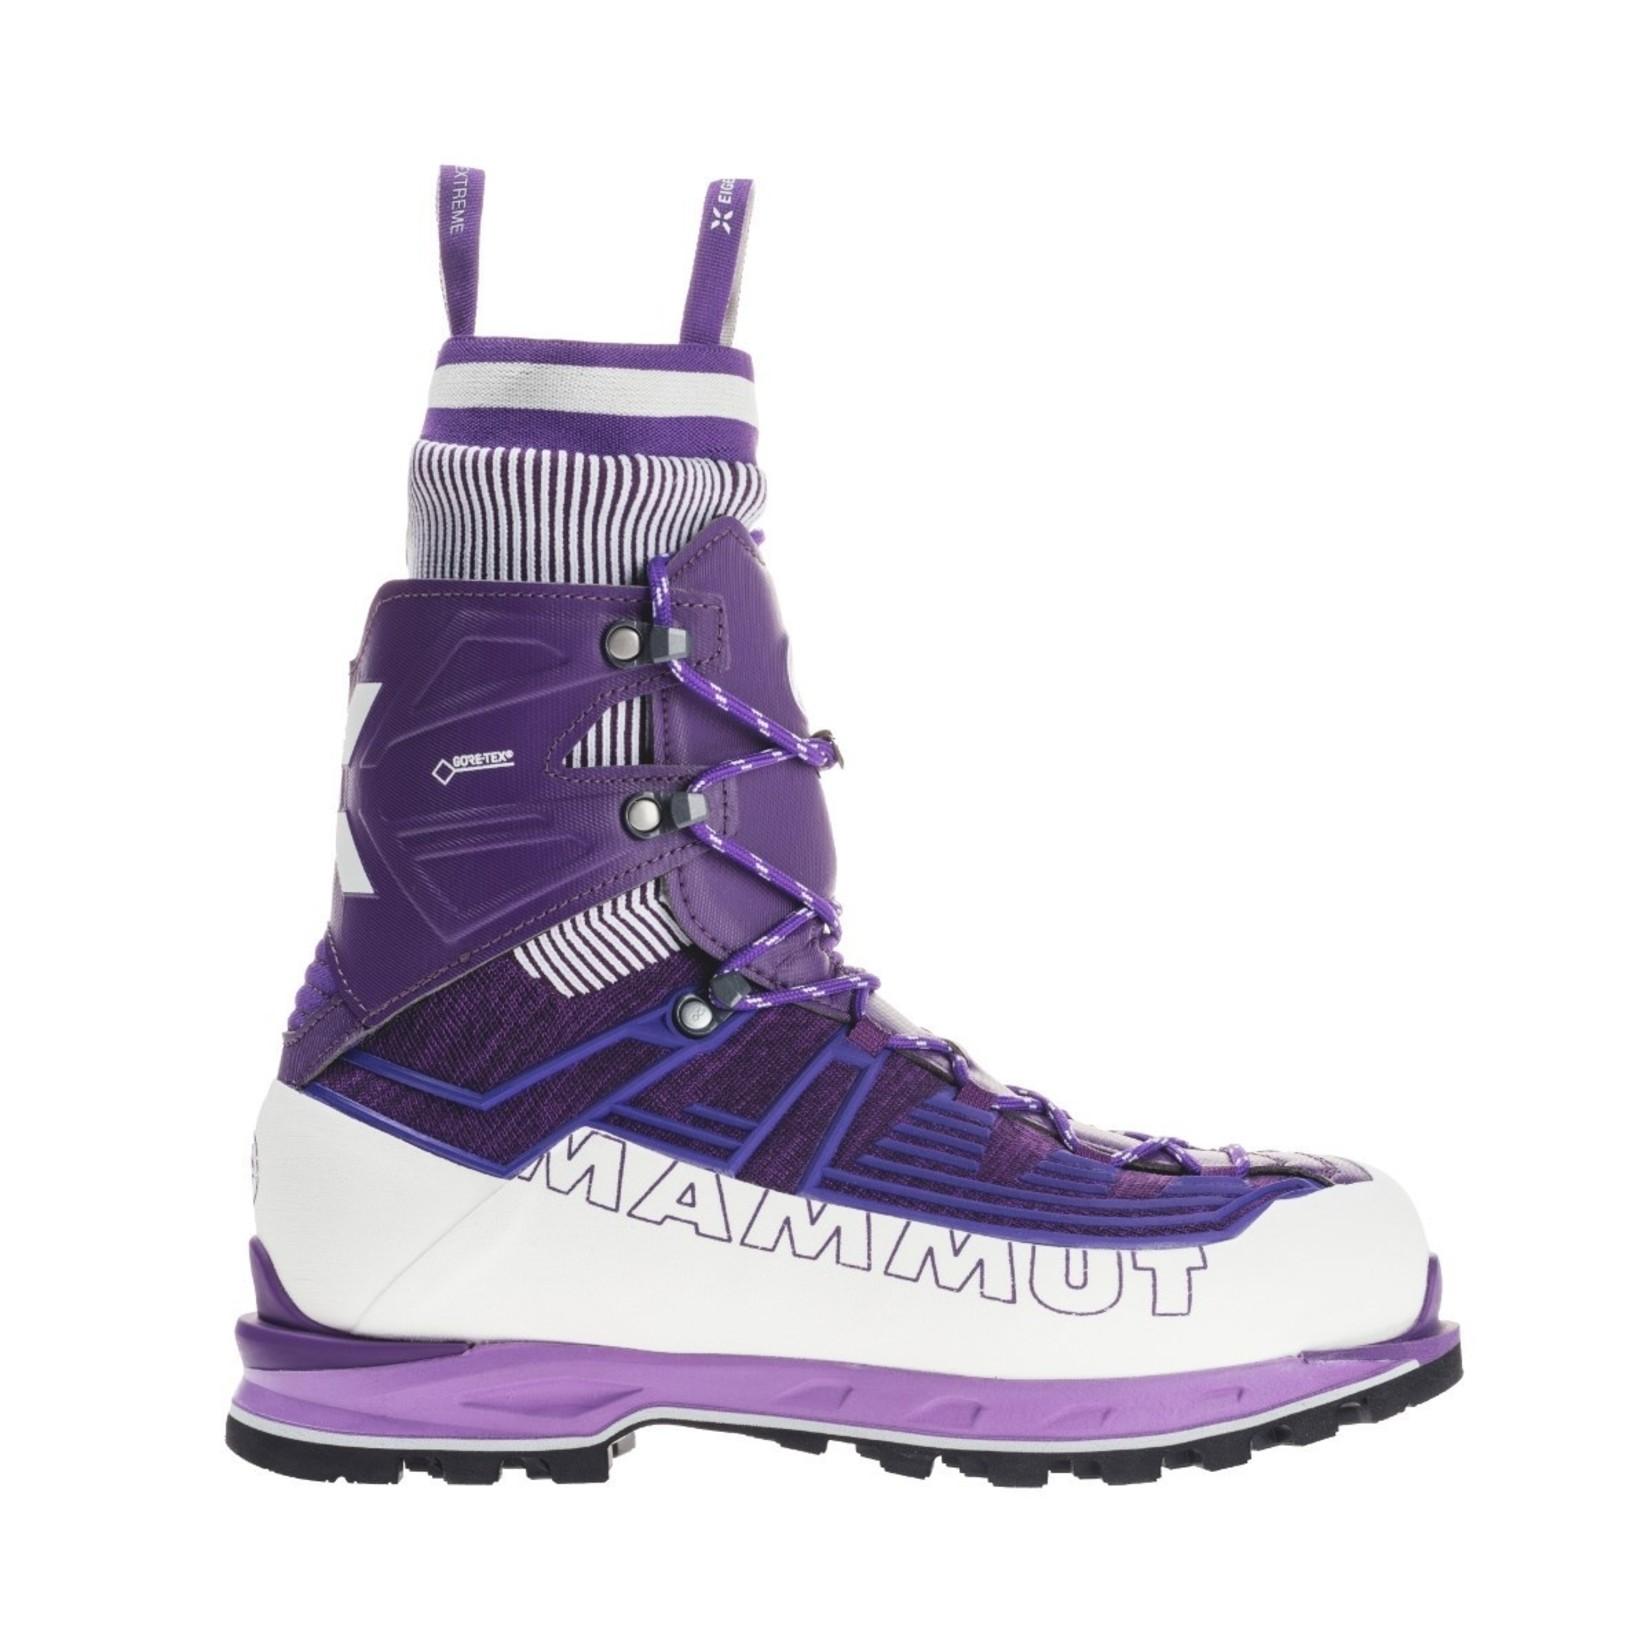 Mammut Mammut Nordwand Knit High GTX Boots - Women